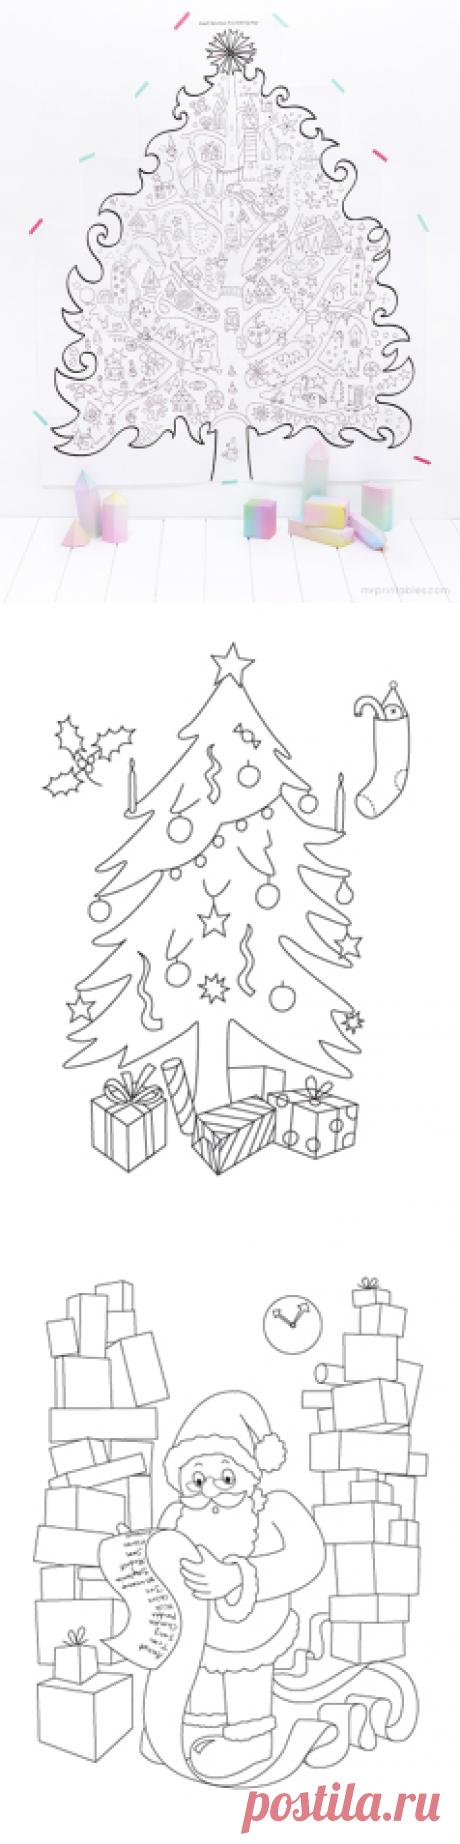 Для печати Рождественские раскраски - г-н Printables